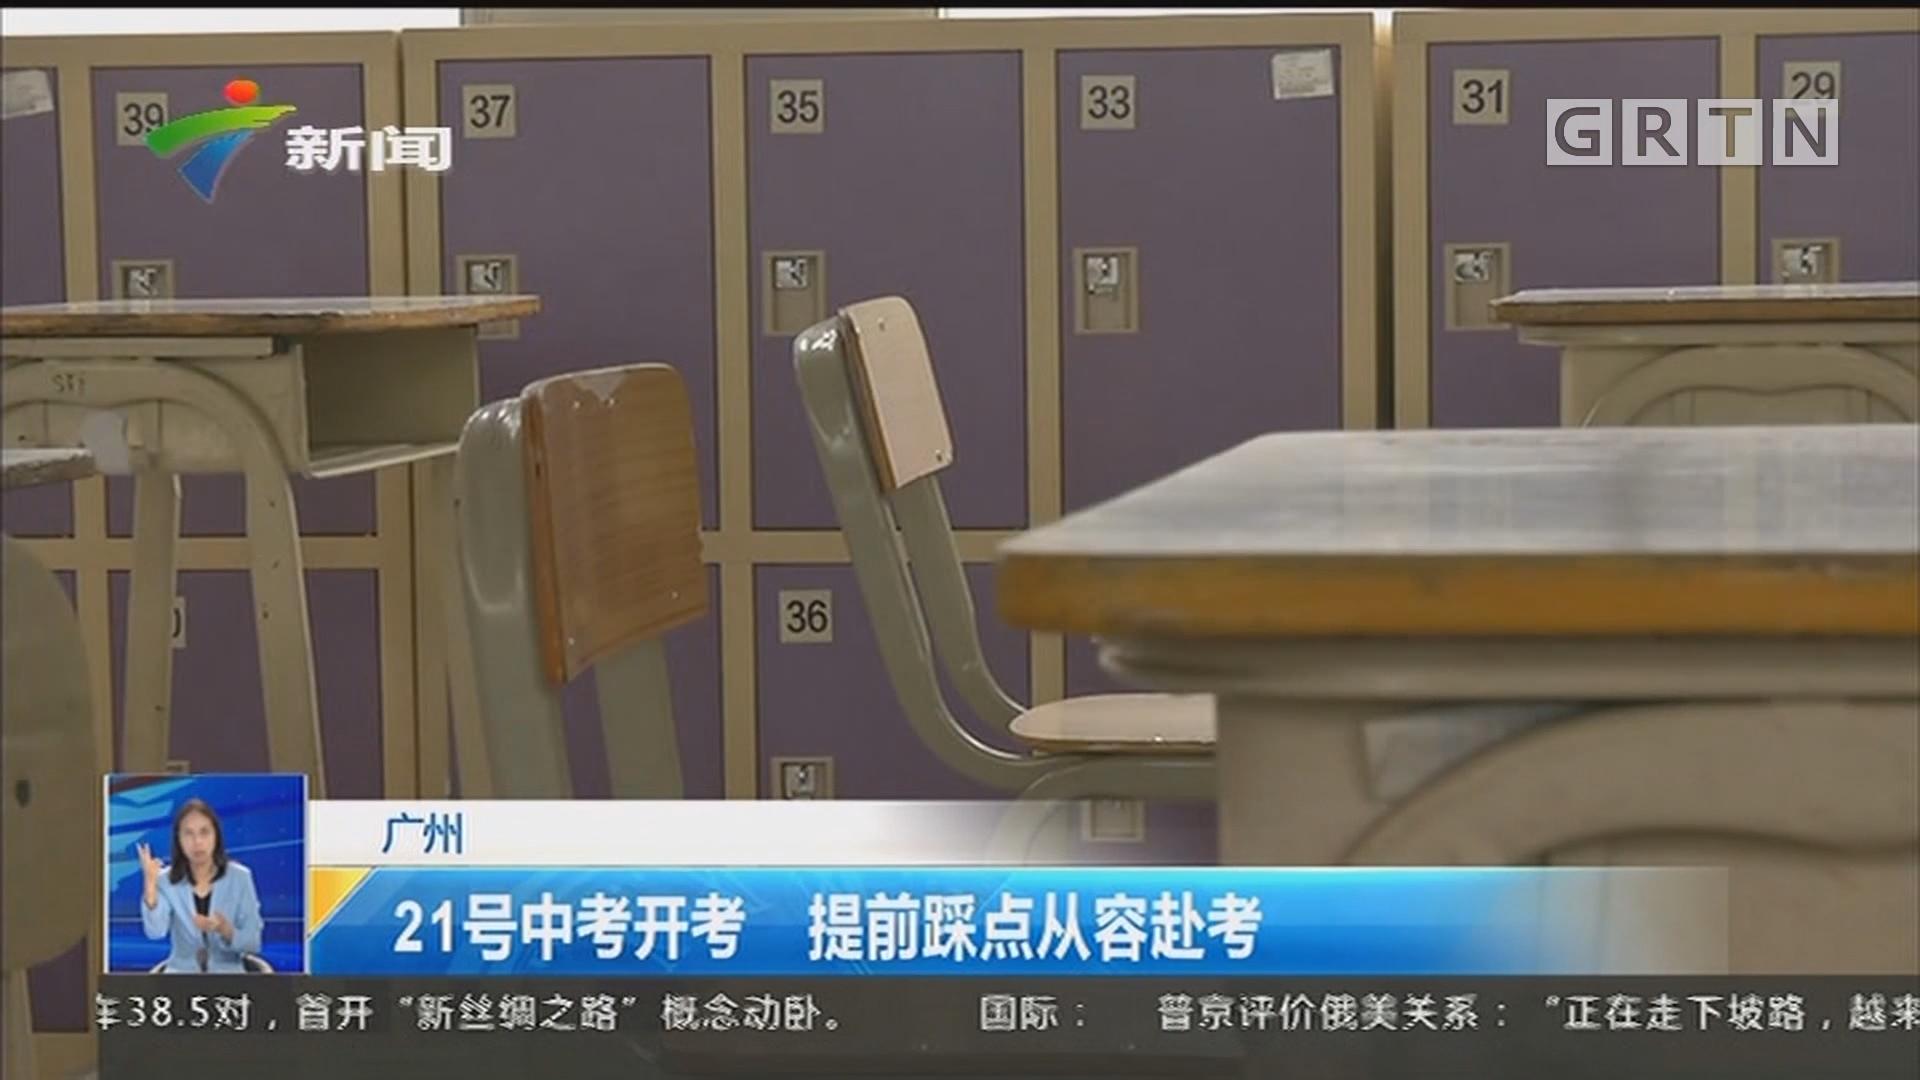 广州:21号中考开考 提前踩点从容赴考